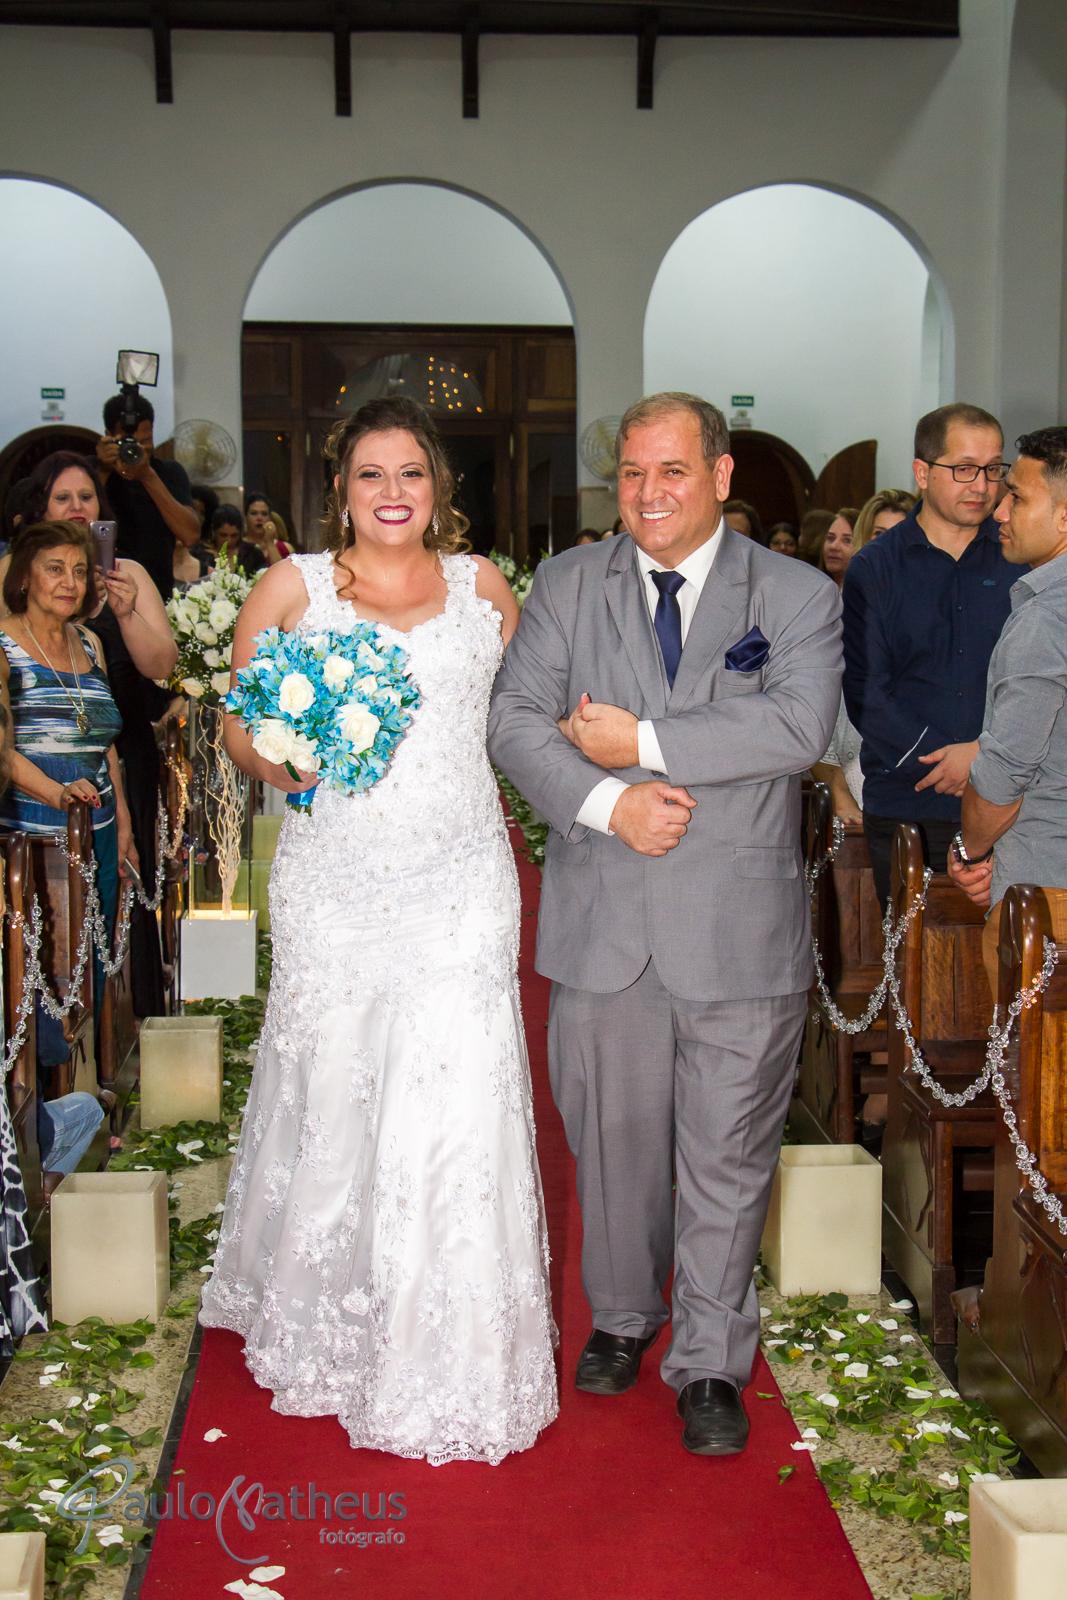 fotógrafo de casamento no abc registra a entrada da noiva